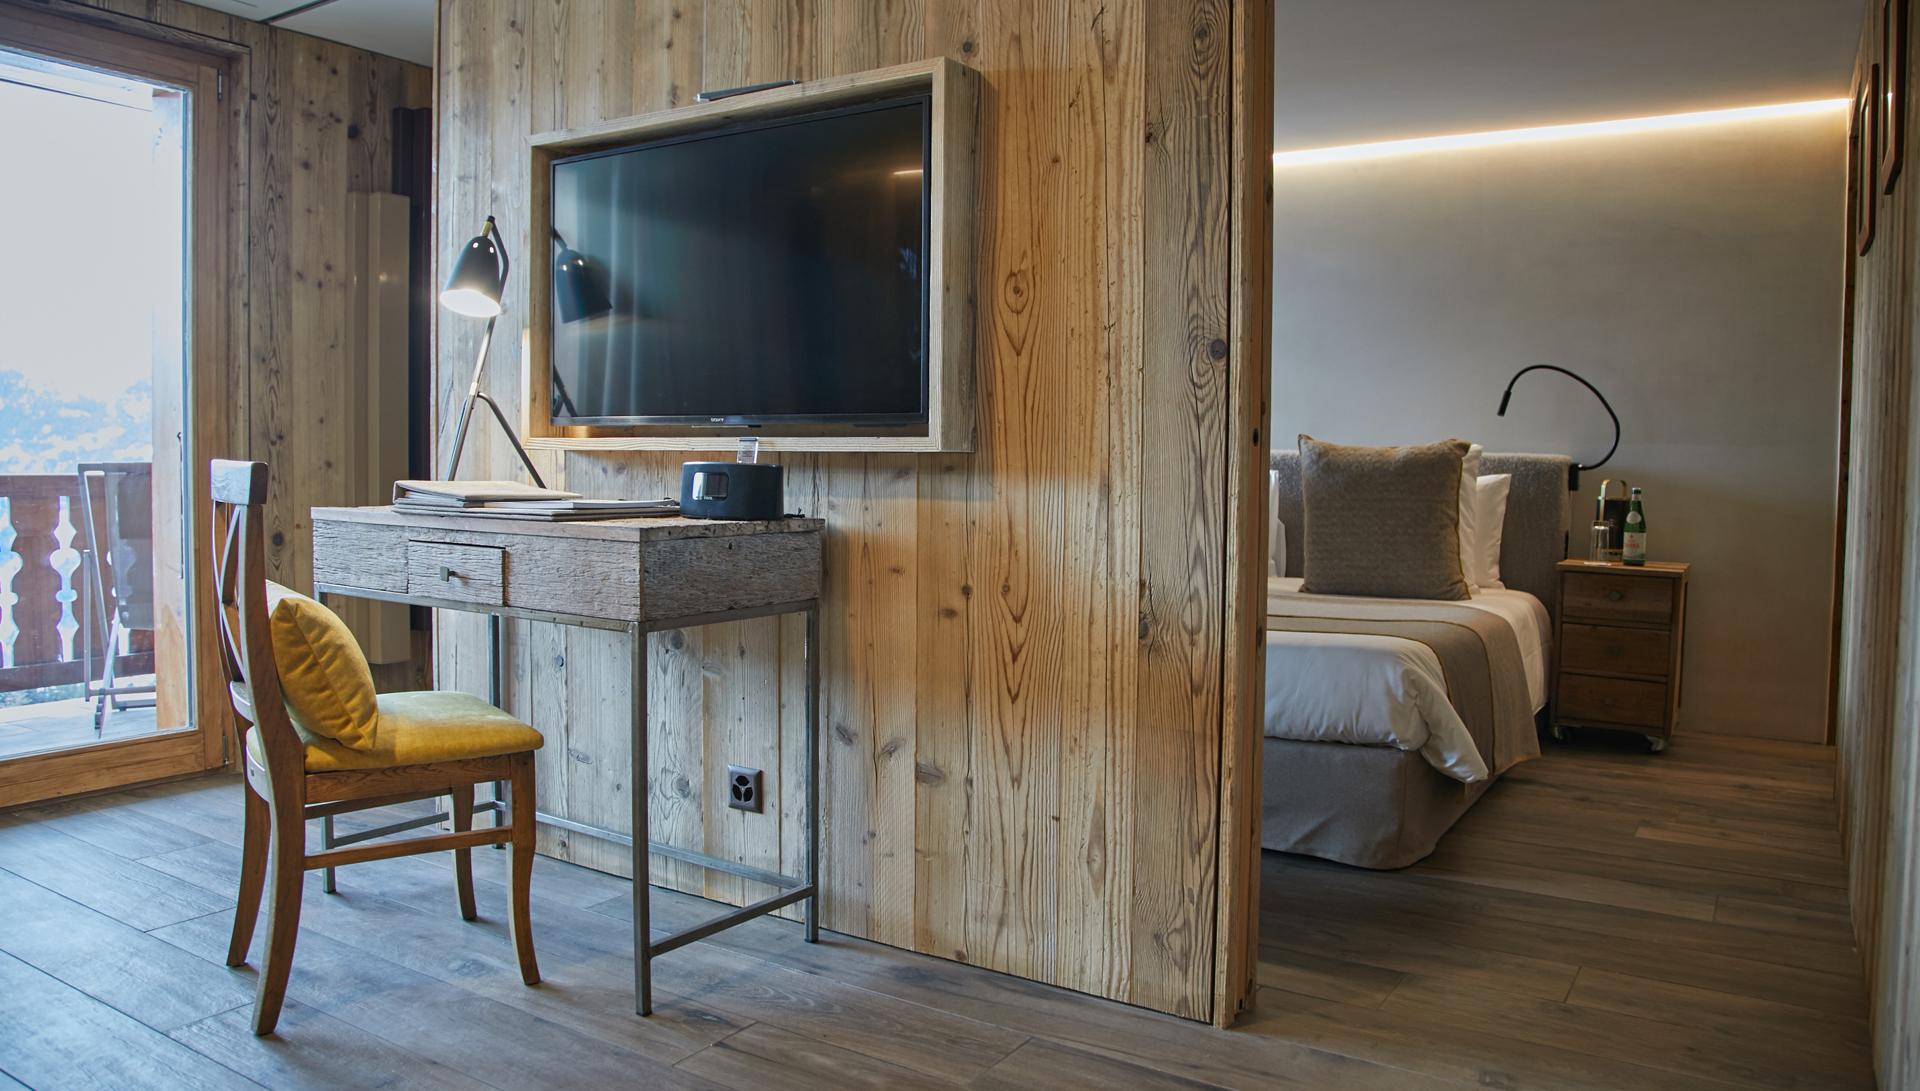 Combins Prestige Rooms - Chalet d'Adrien